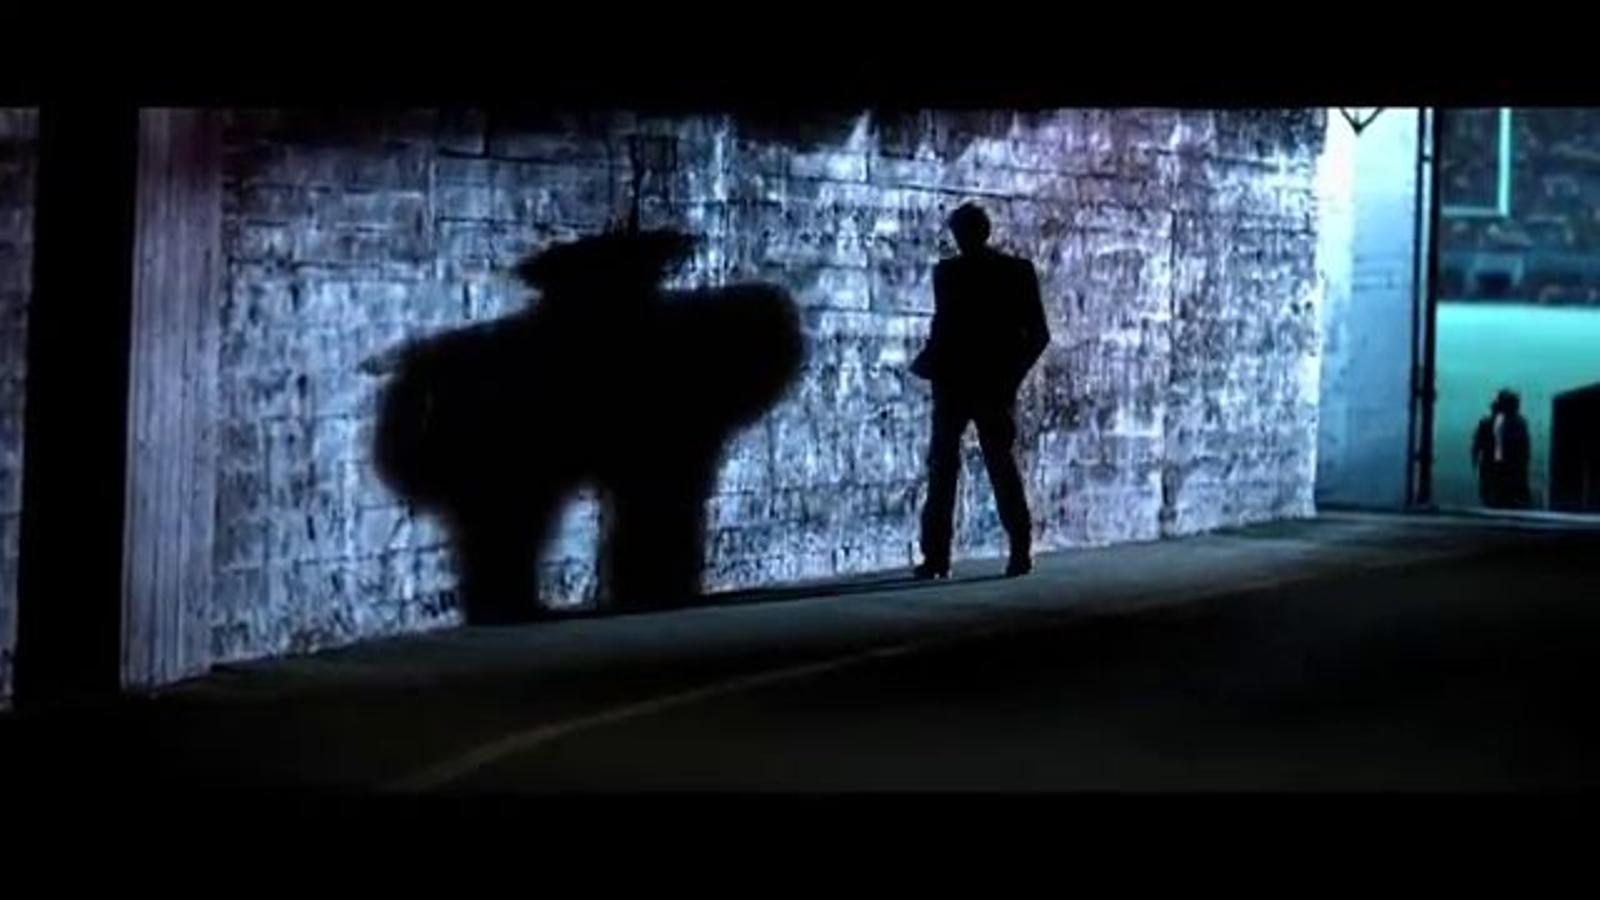 L'anunci de Chrysler amb Clint Eastwood com a protagonista, emès a la mitja part de la Superbowl